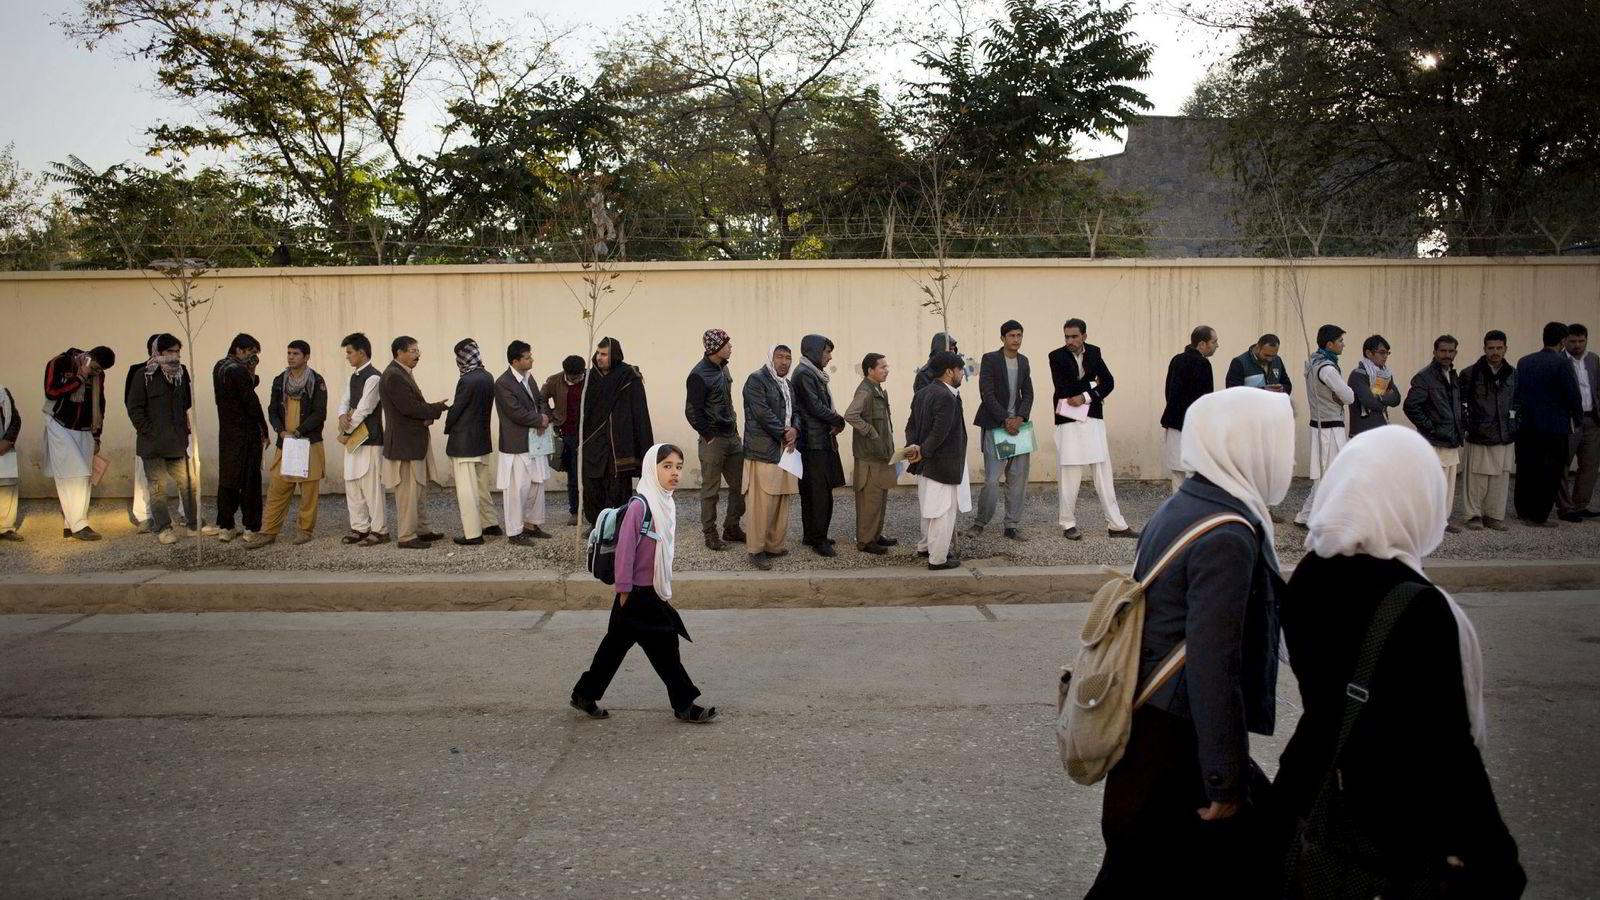 Vi prioriterer utdannelse for jenter, fordi det er nøkkelen til å utløse jenters og kvinners potensial, for seg selv, sin familie og for samfunnet, skriver artikkelforfatteren. Her går tre afghanske skolejenter forbi køen til passkontoret i hovedstaden Kabul. Foto: Victor J. Blue/